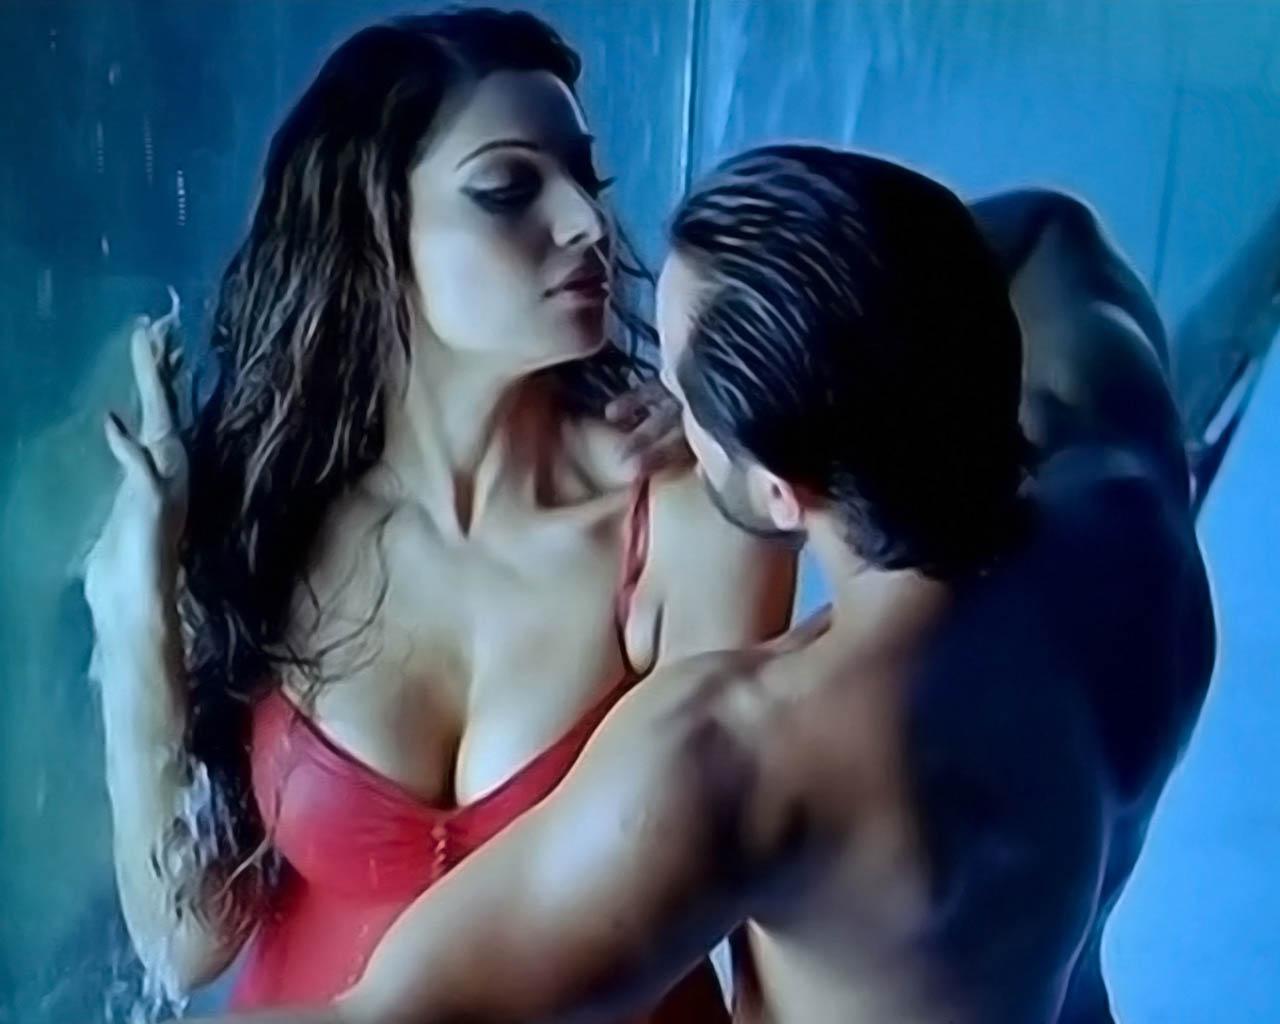 Tamilnadu porn girls photos